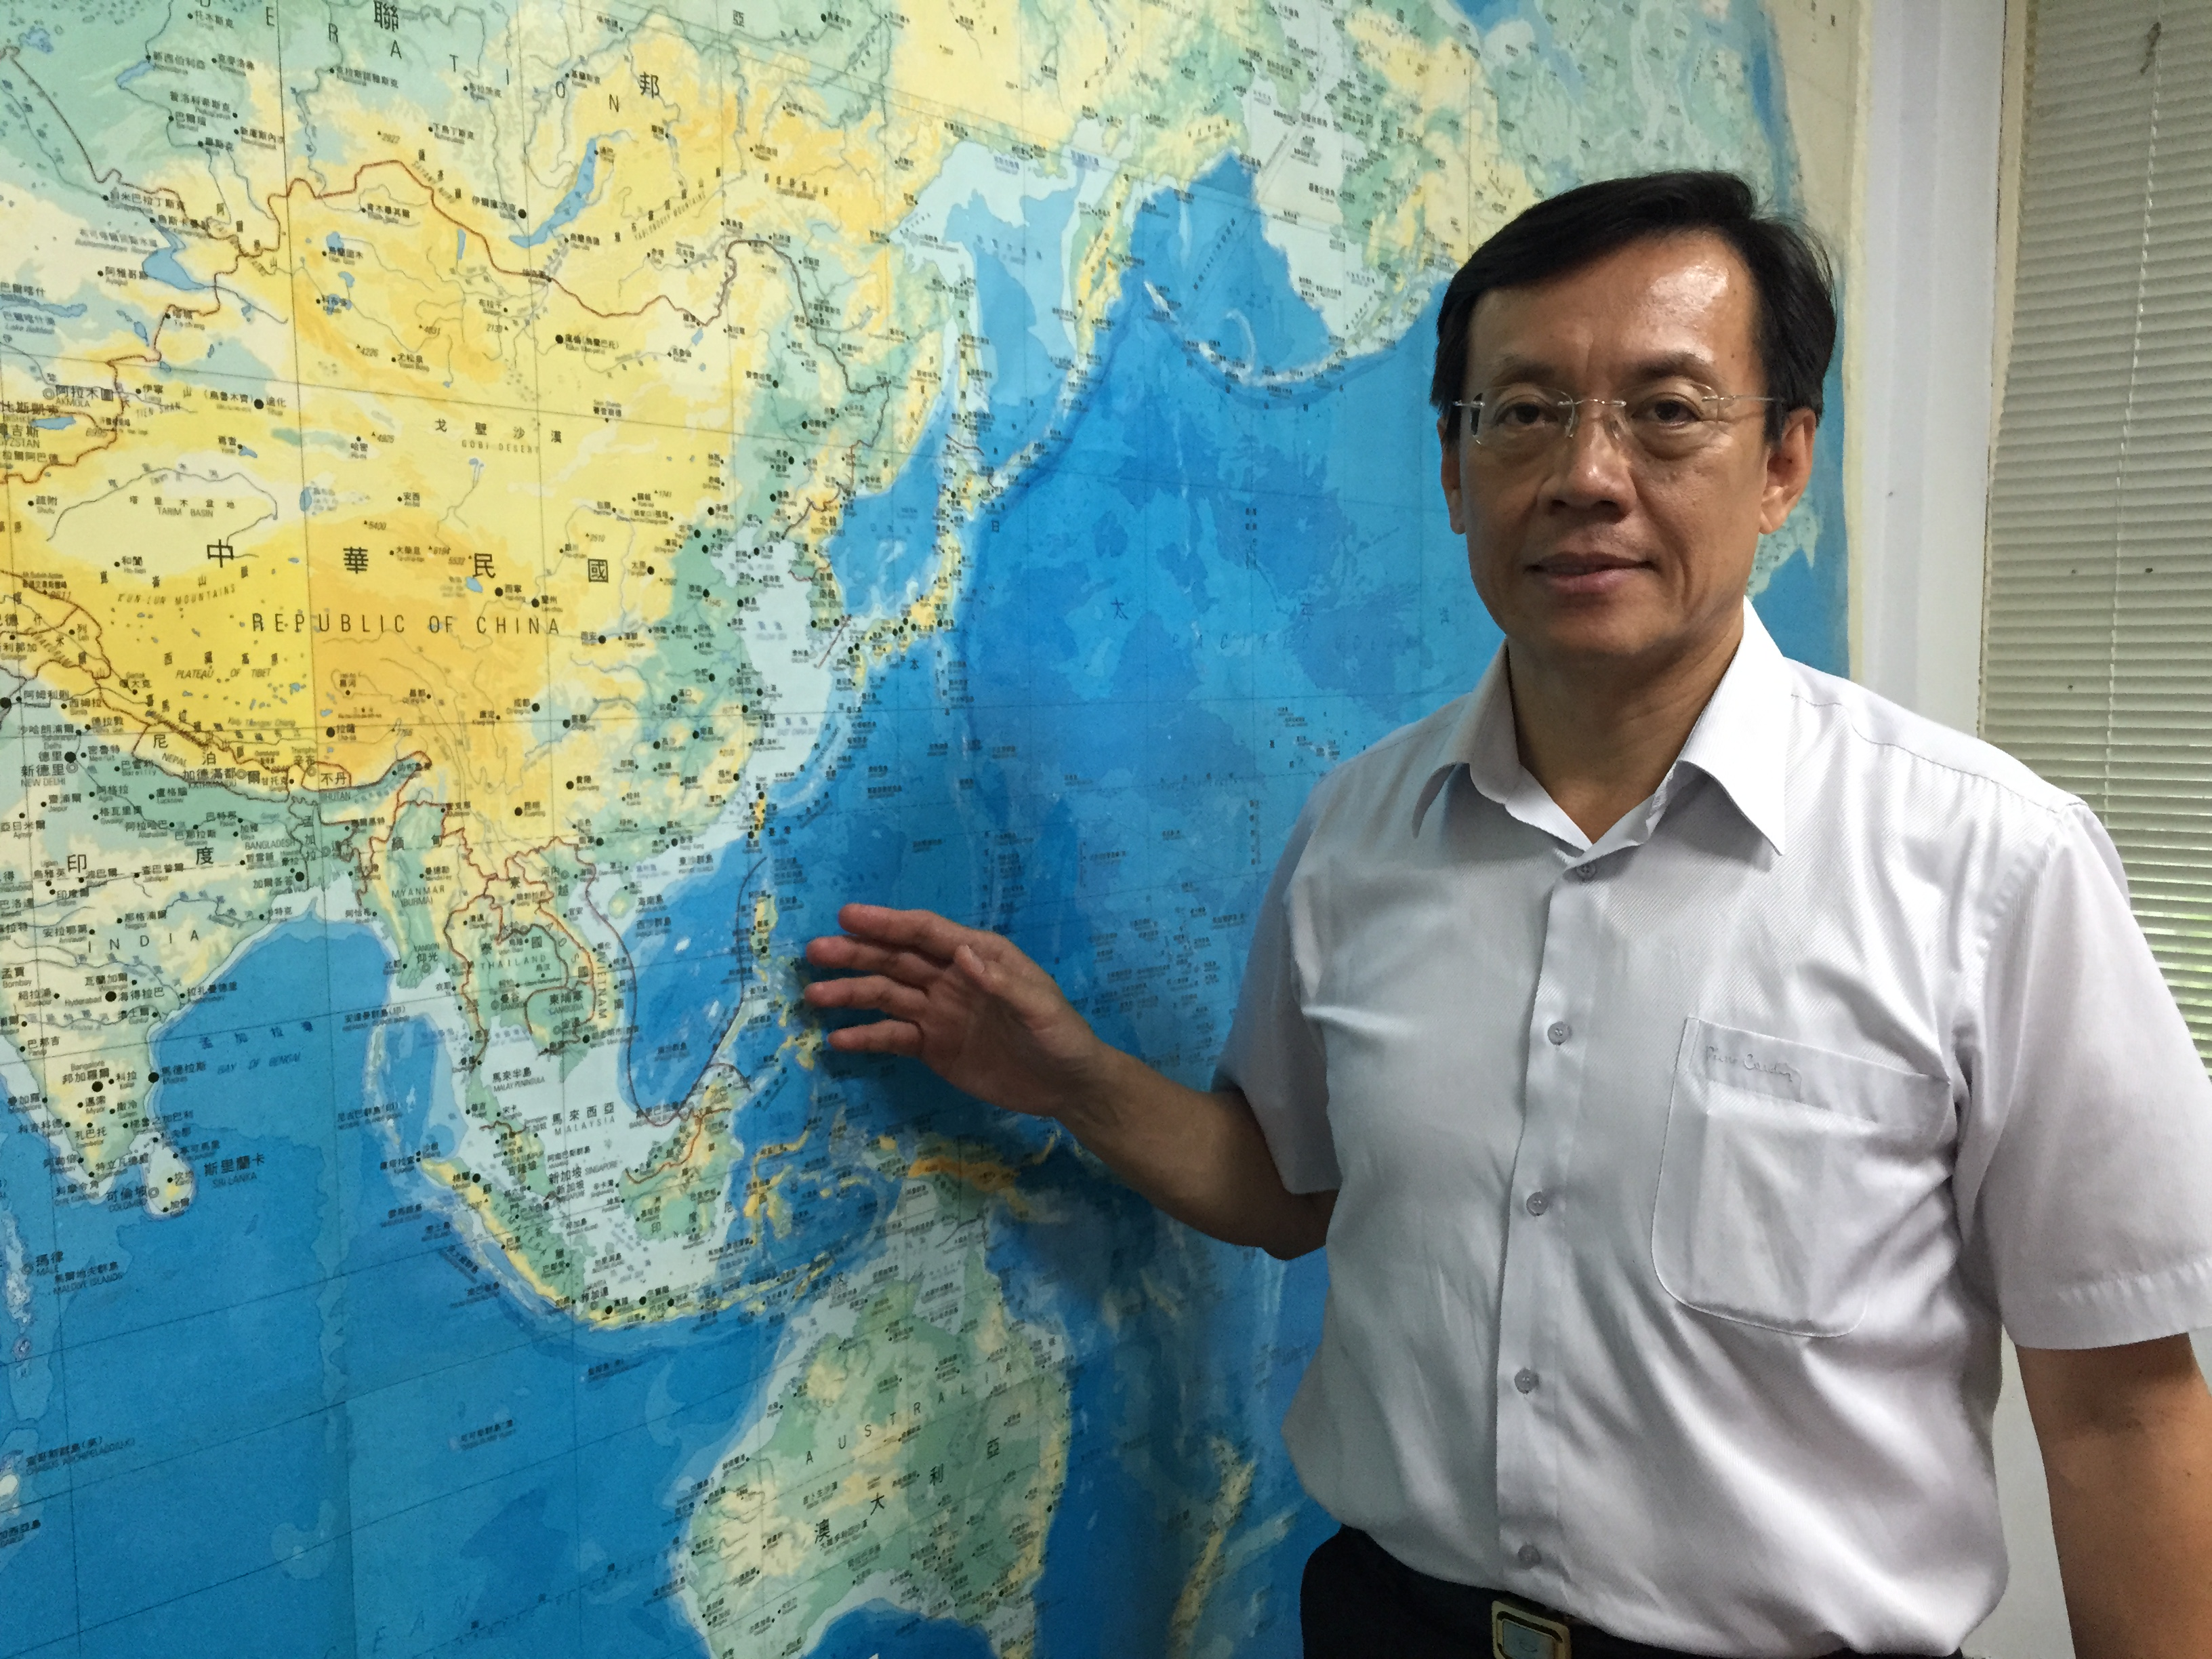 國立政治大學國際關係研究中心教授劉復國說明:台灣在南向國家的商機以及可能碰到的困境。  攝影/許珮姿